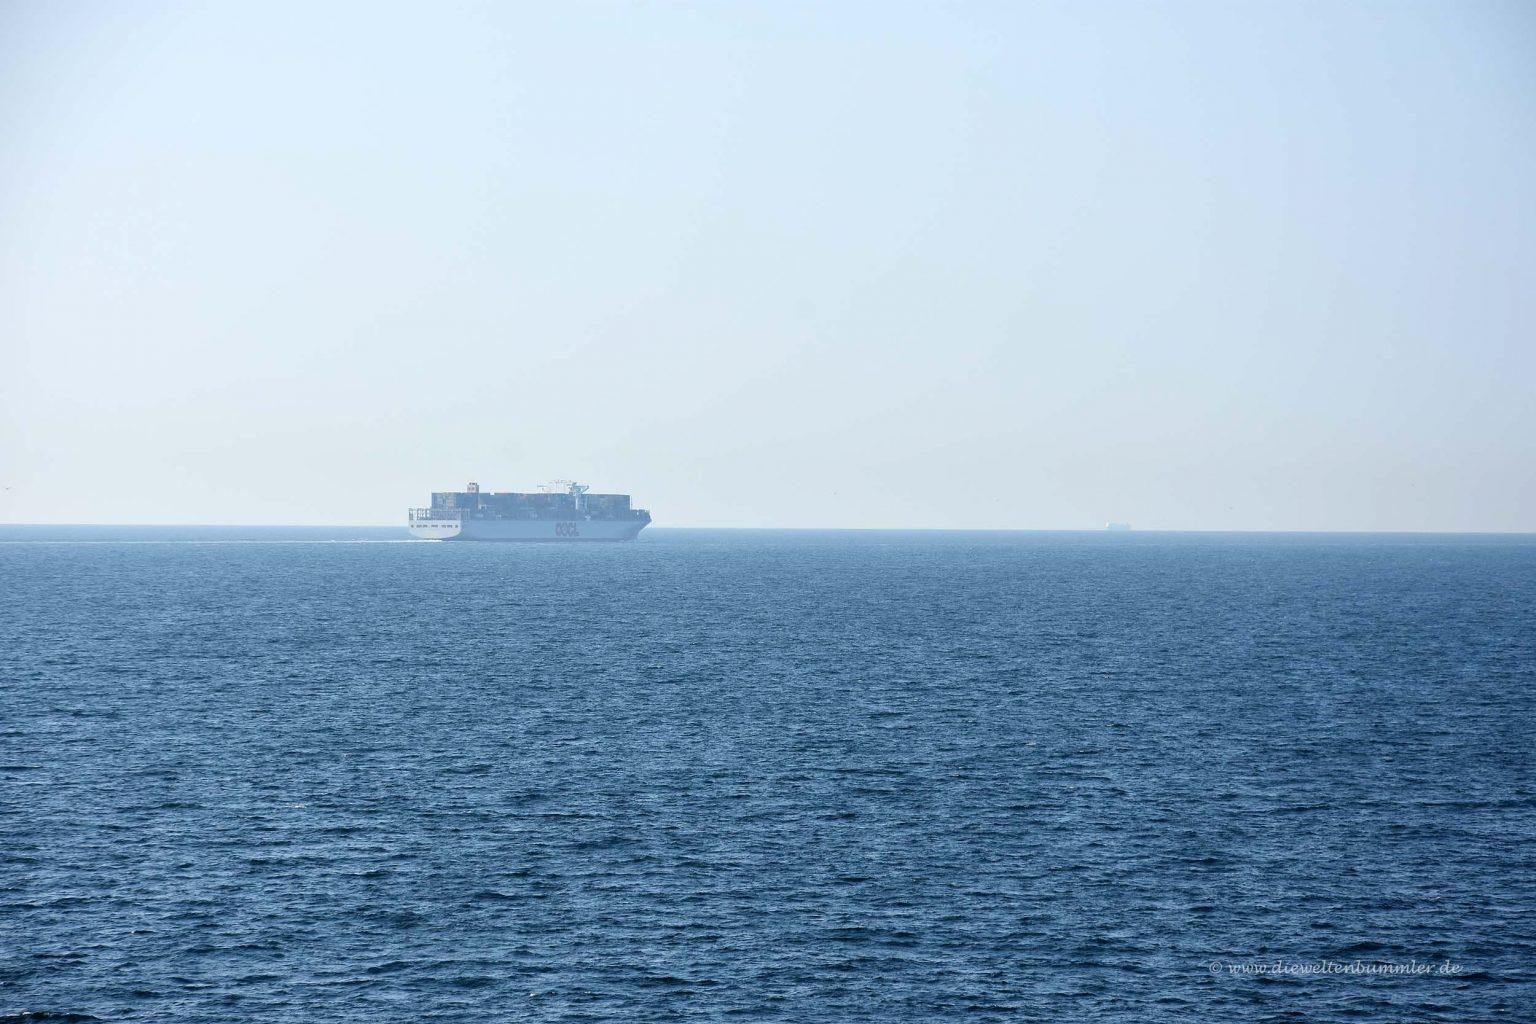 Frachtschiff in der Ferne